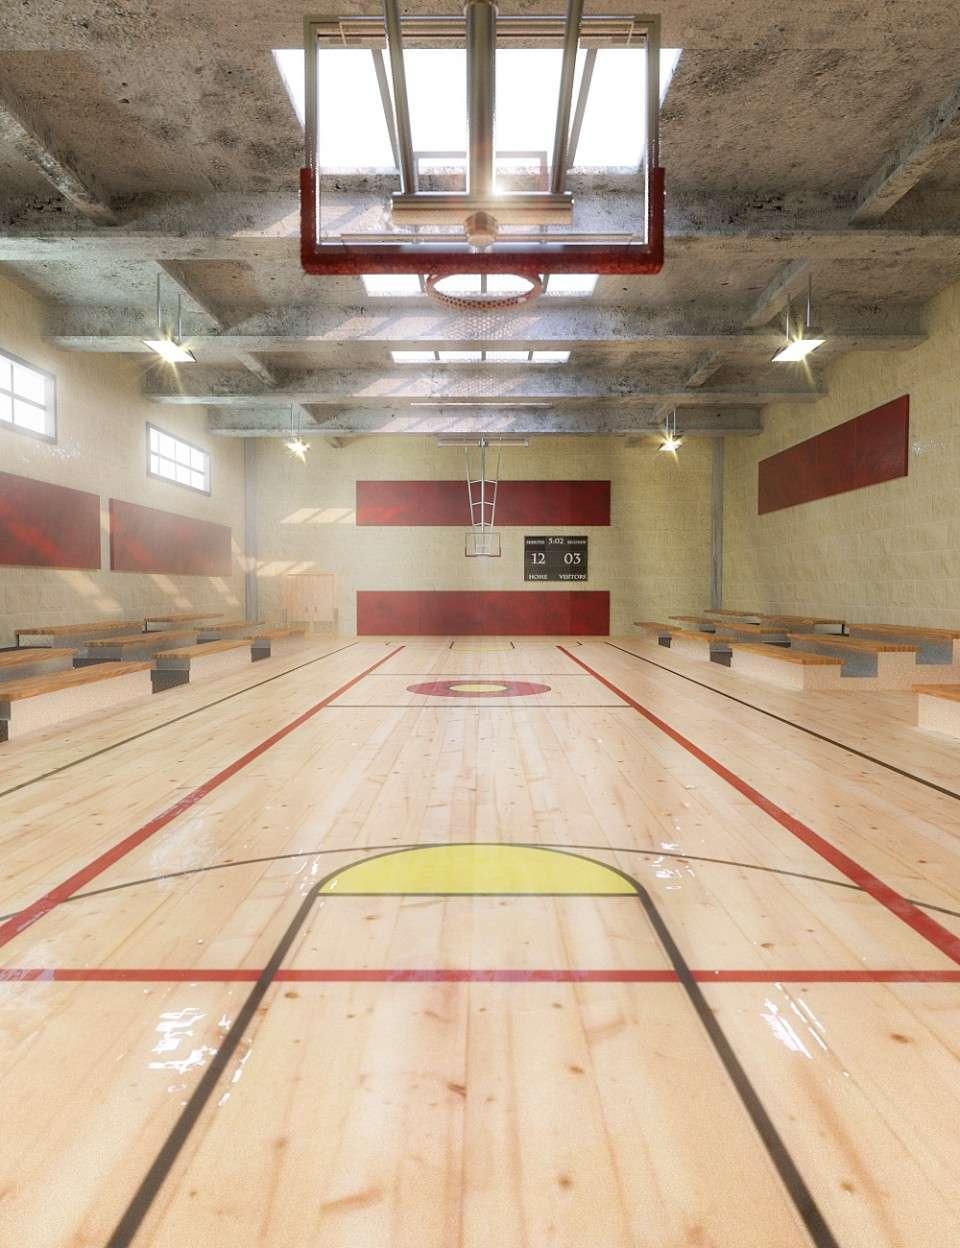 Gymnasium + Iray update